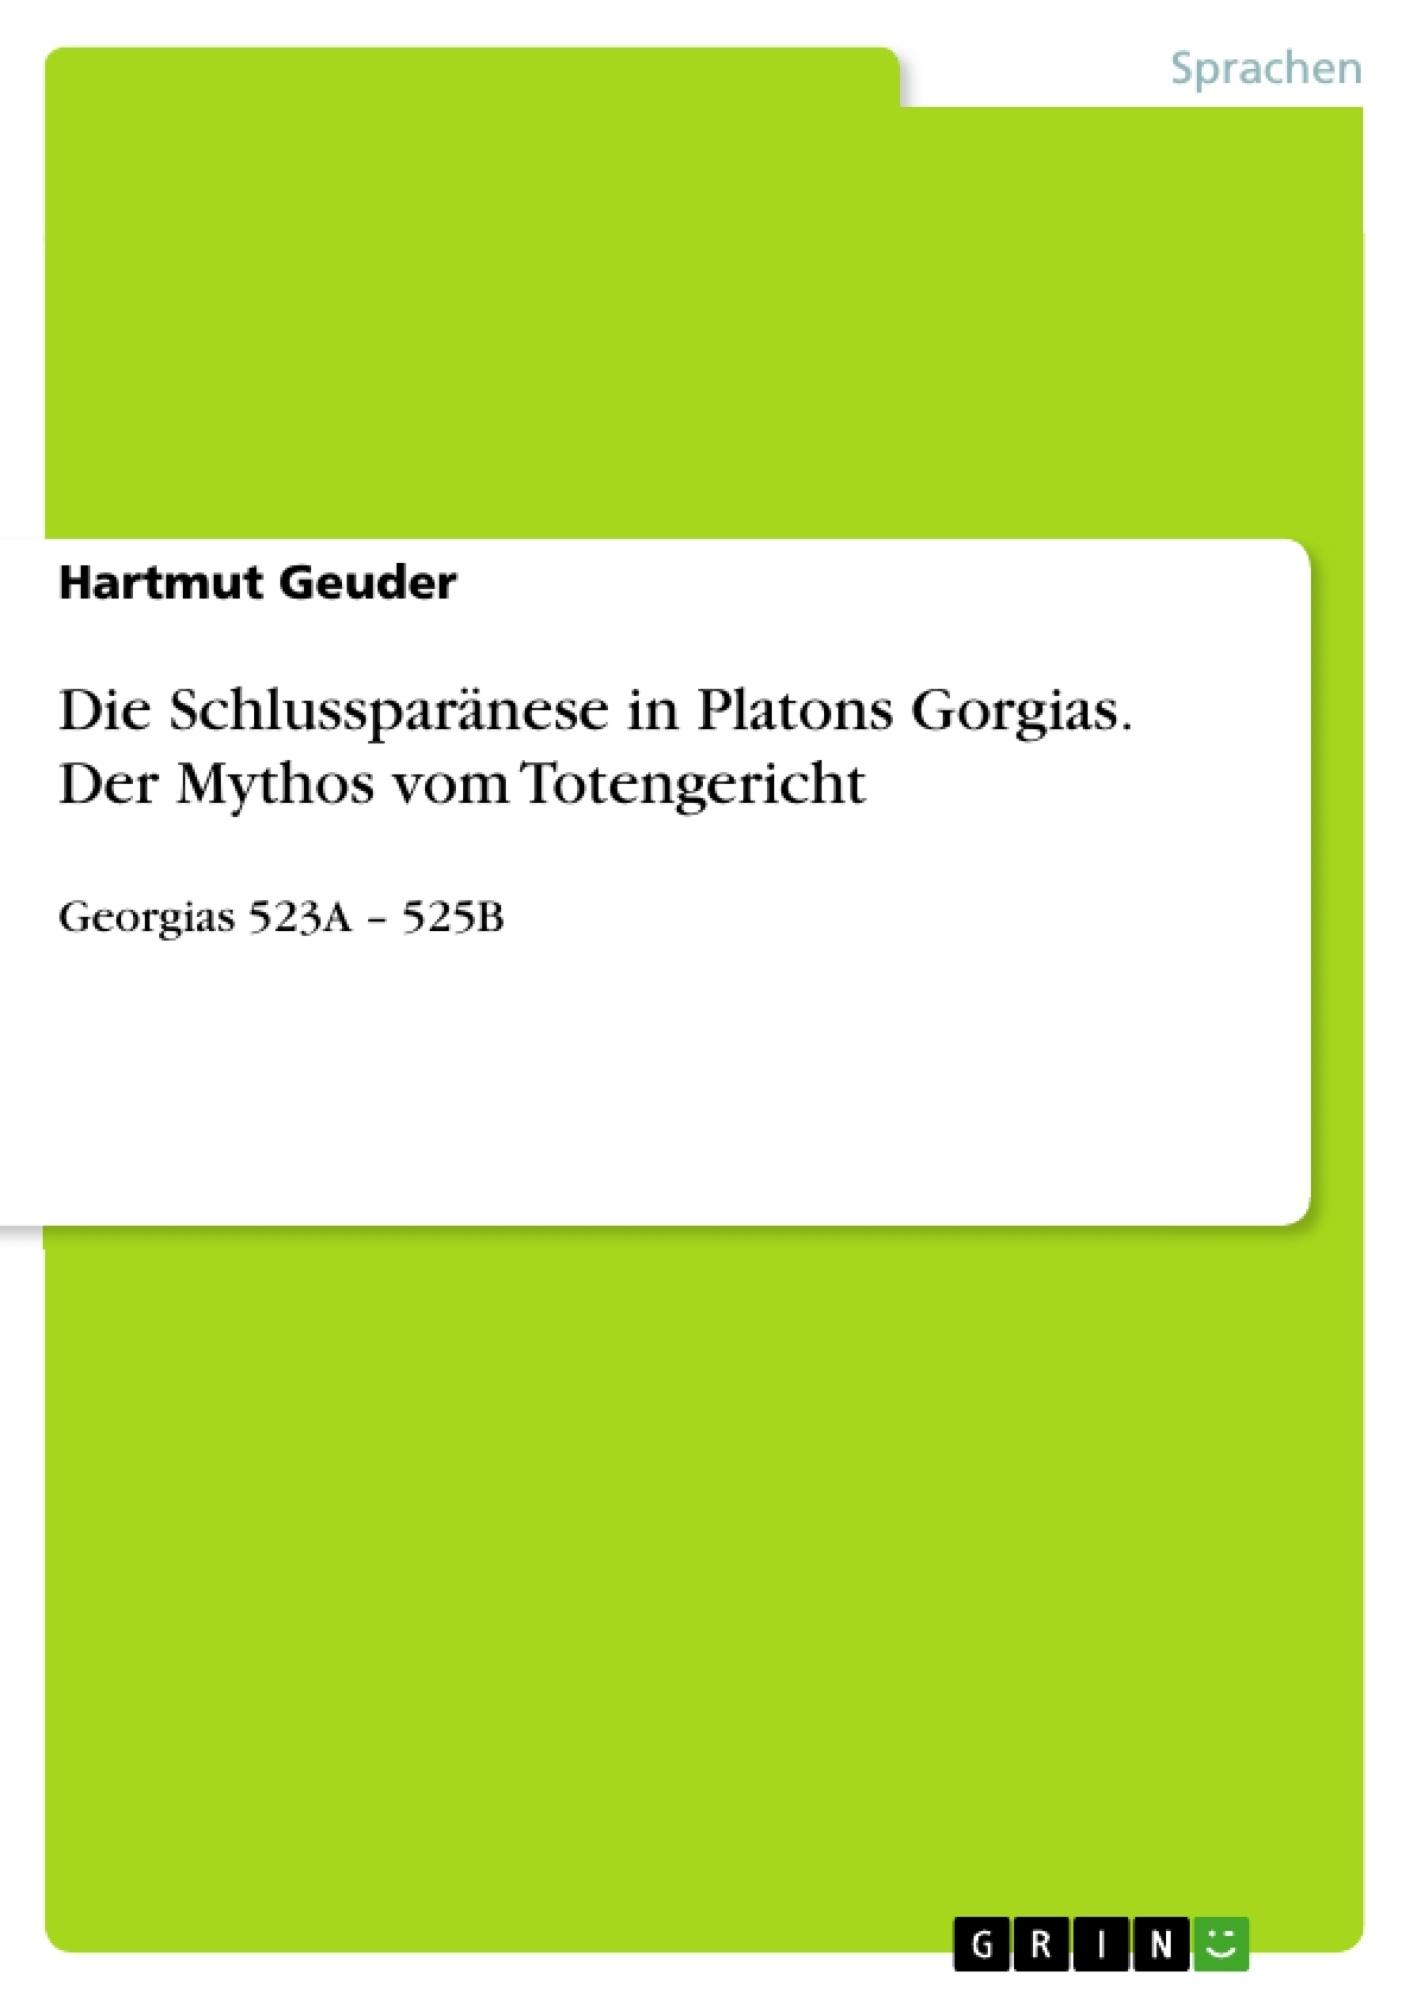 Titel: Die Schlussparänese in Platons Gorgias. Der Mythos vom Totengericht